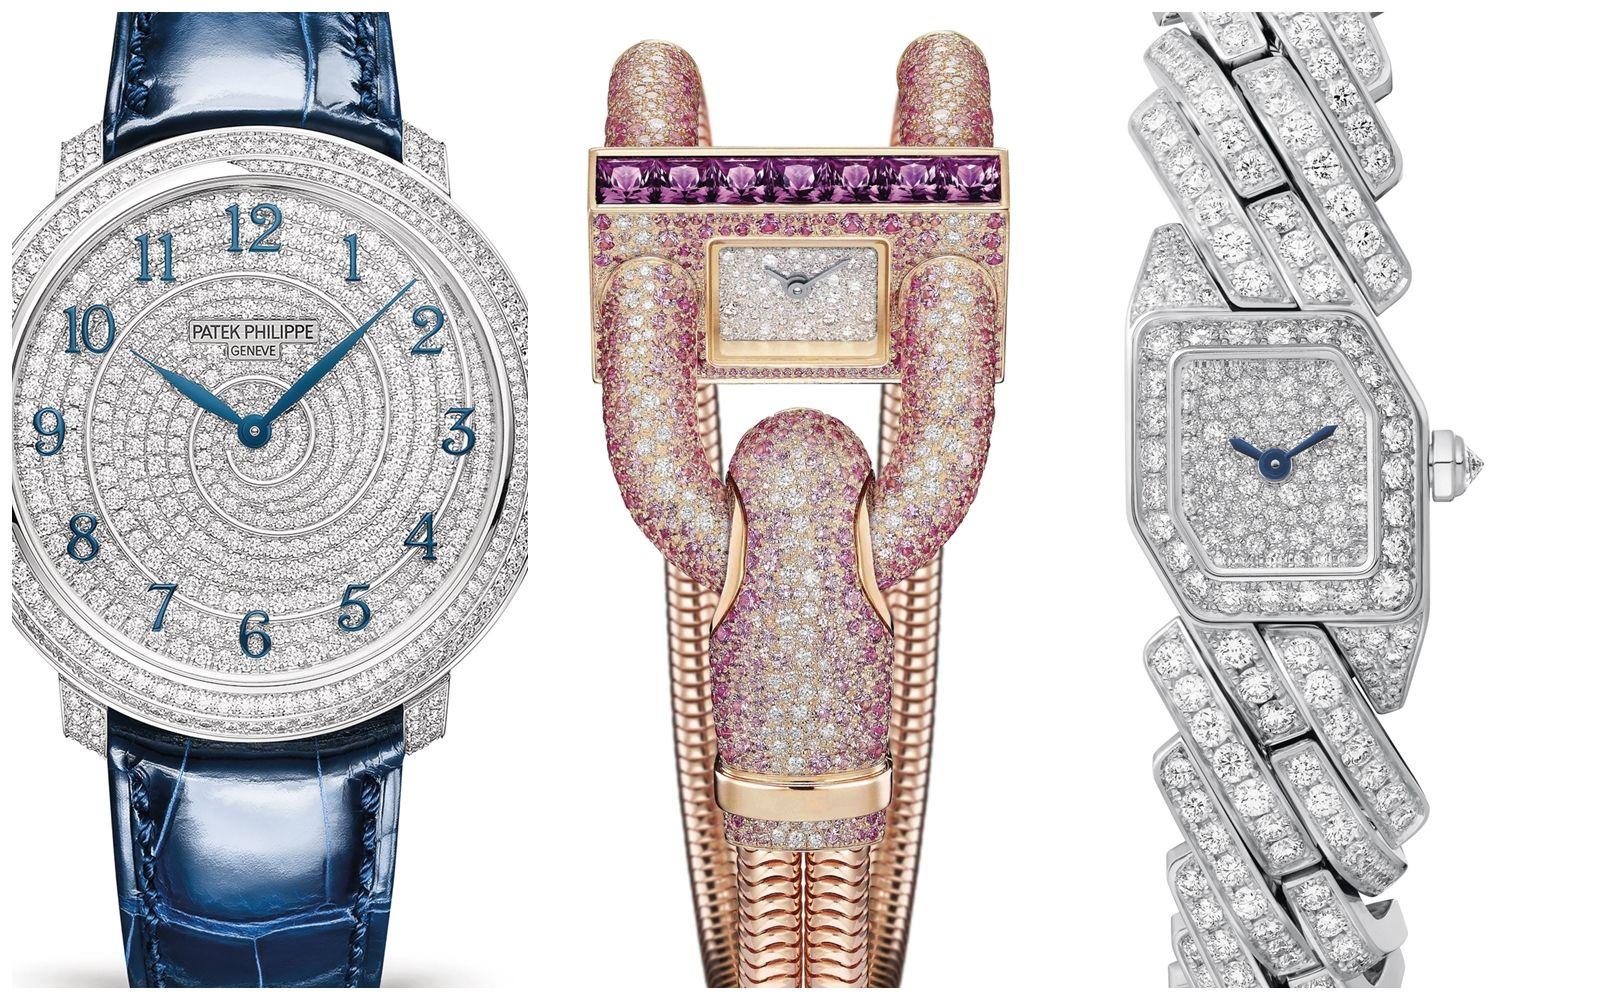 聖誕節即將到來,編輯推薦5款珠寶腕錶陪妳閃耀佳節時刻